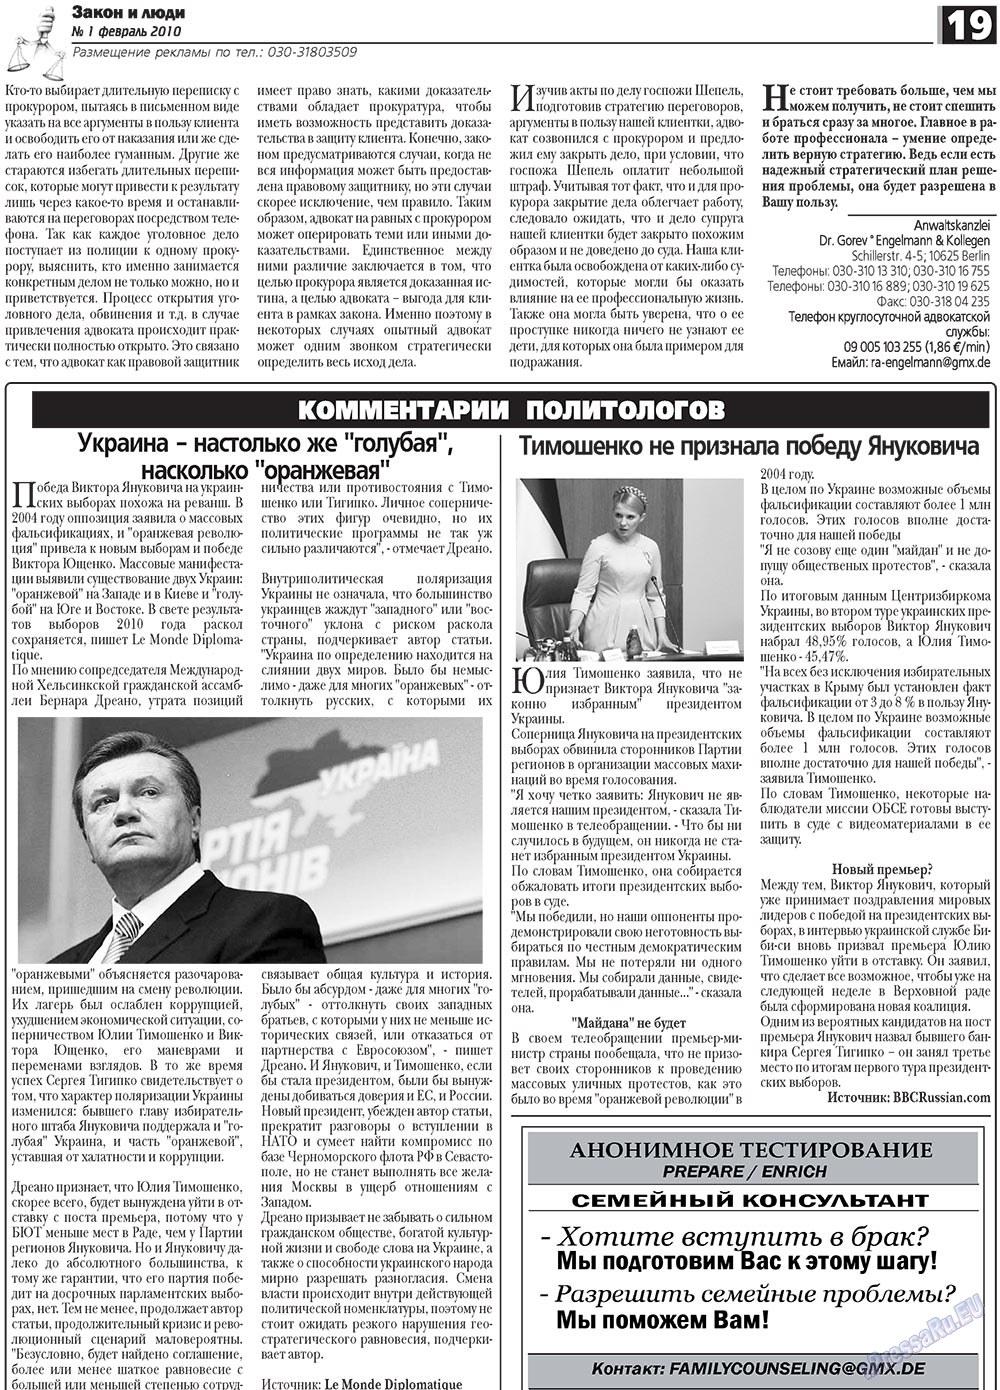 Закон и люди (газета). 2010 год, номер 1, стр. 19